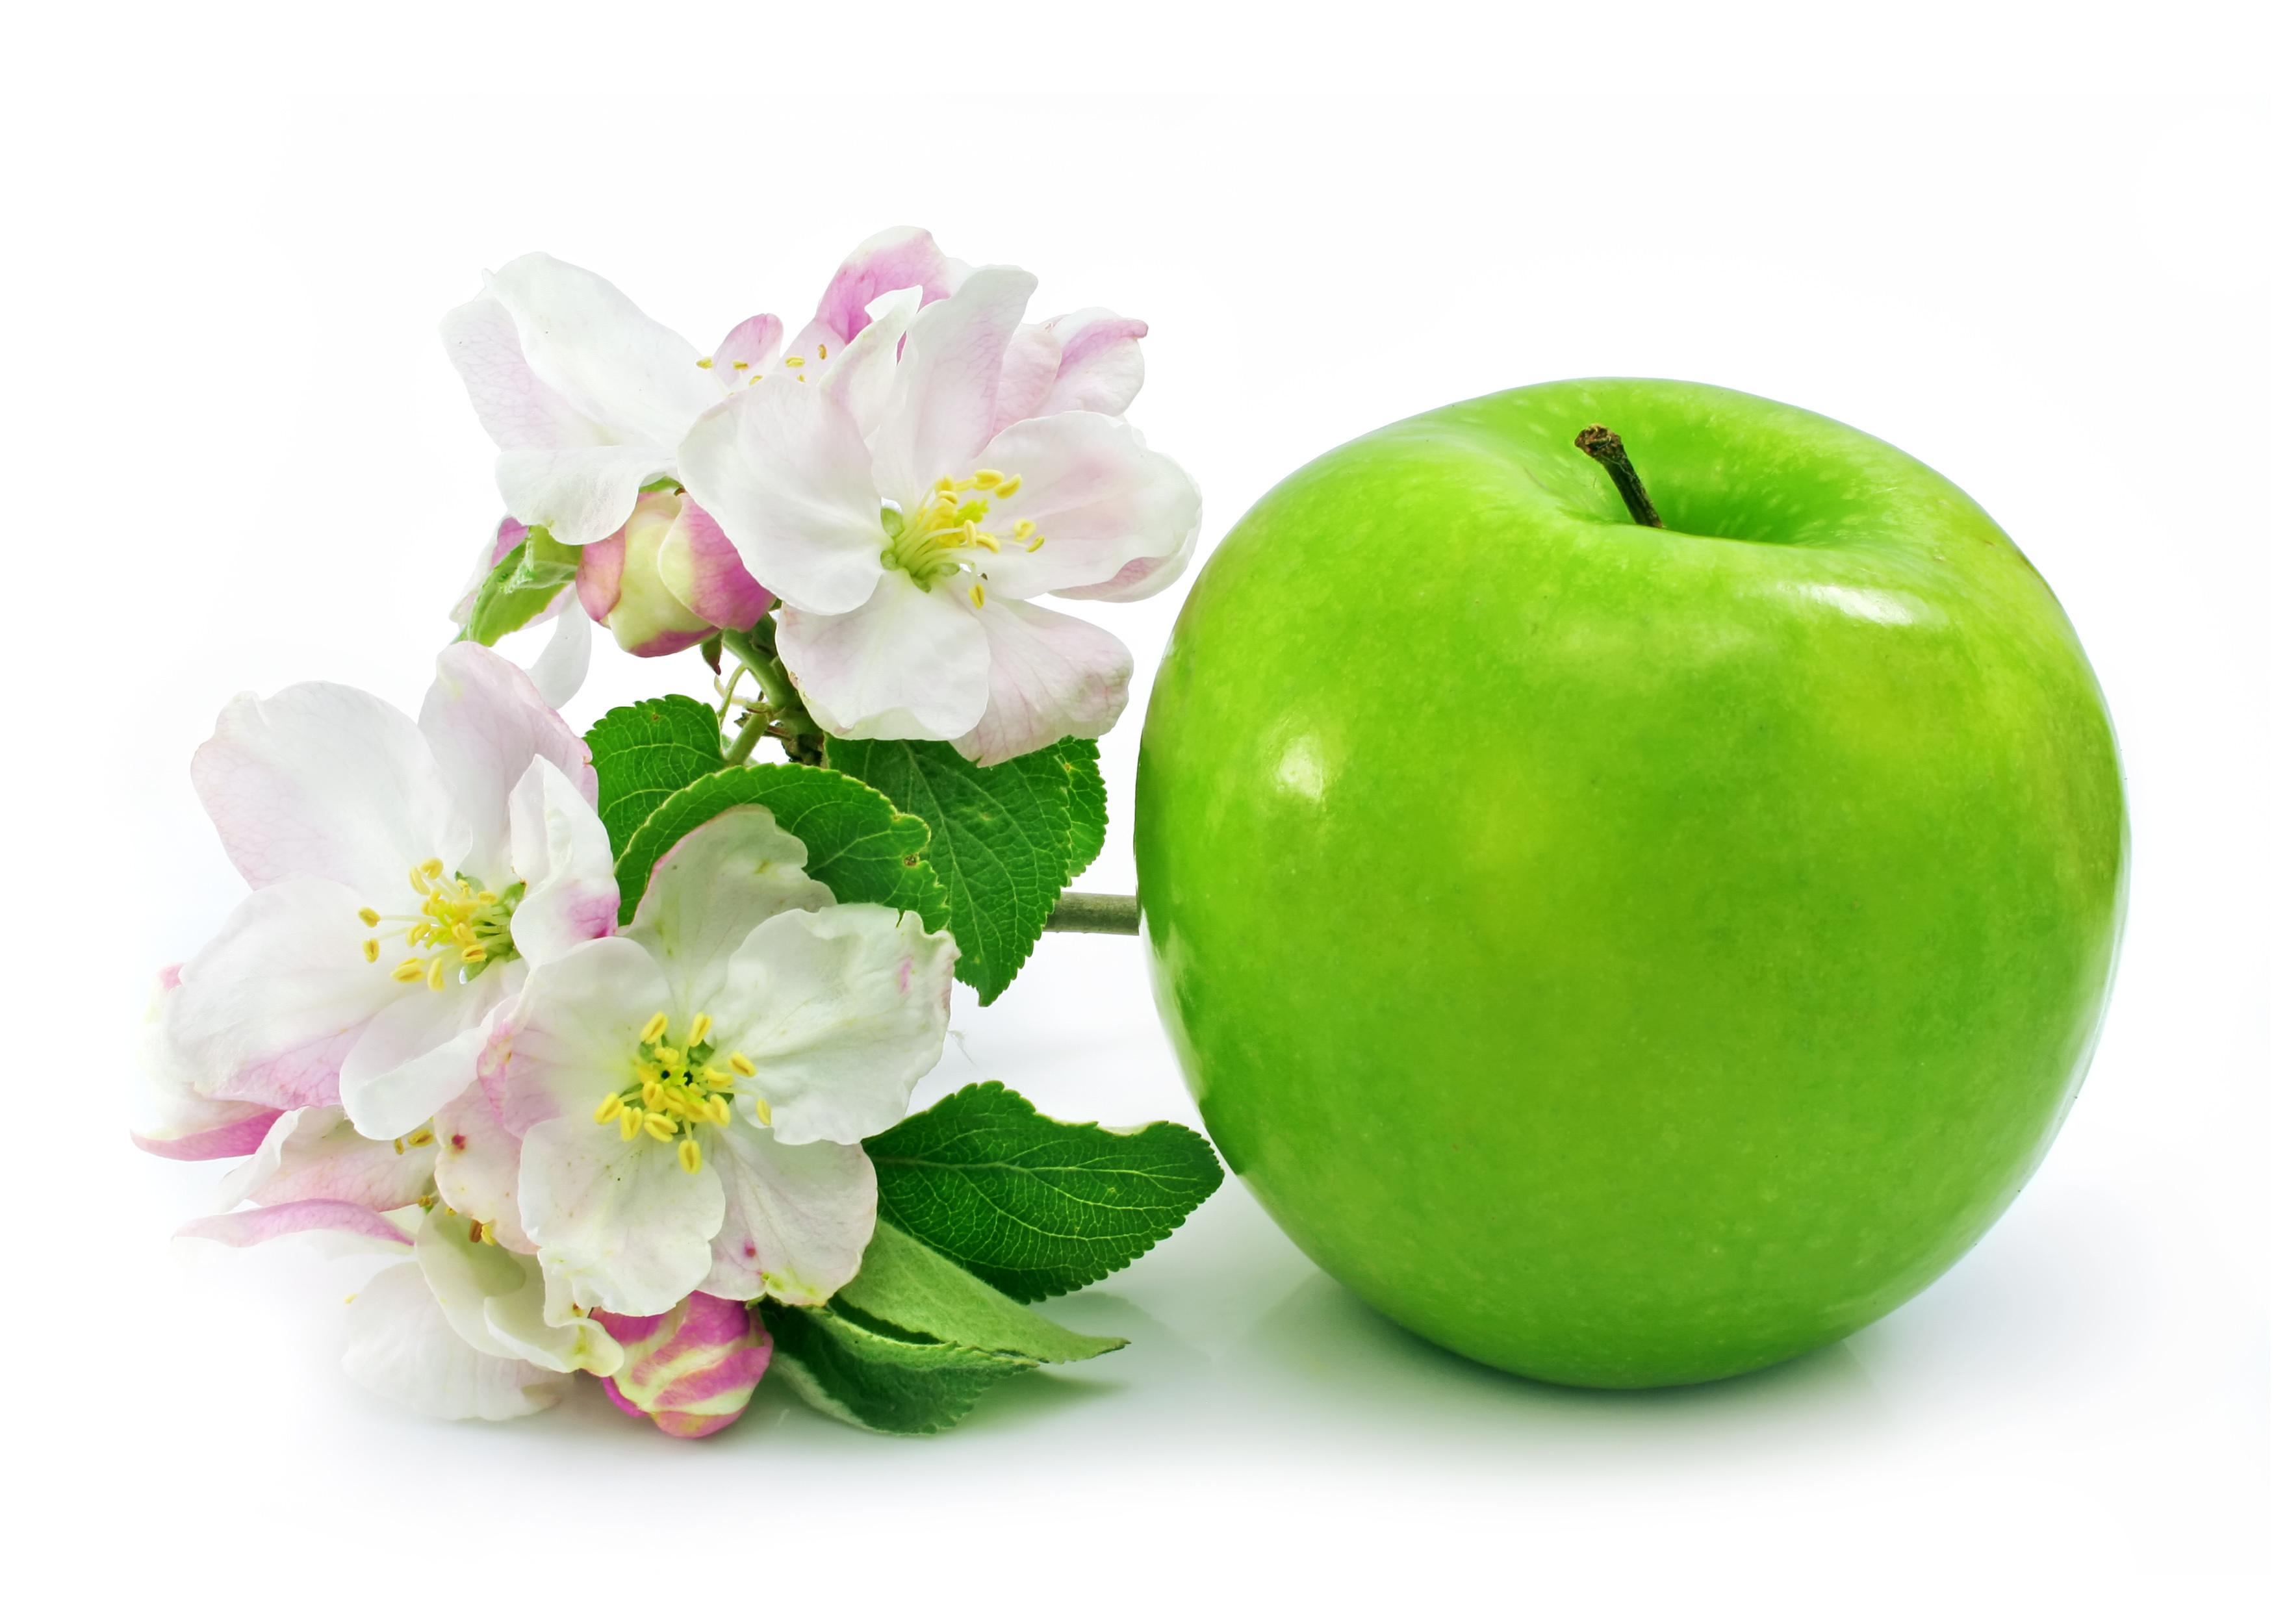 Яблоко зеленое с цветами яблони